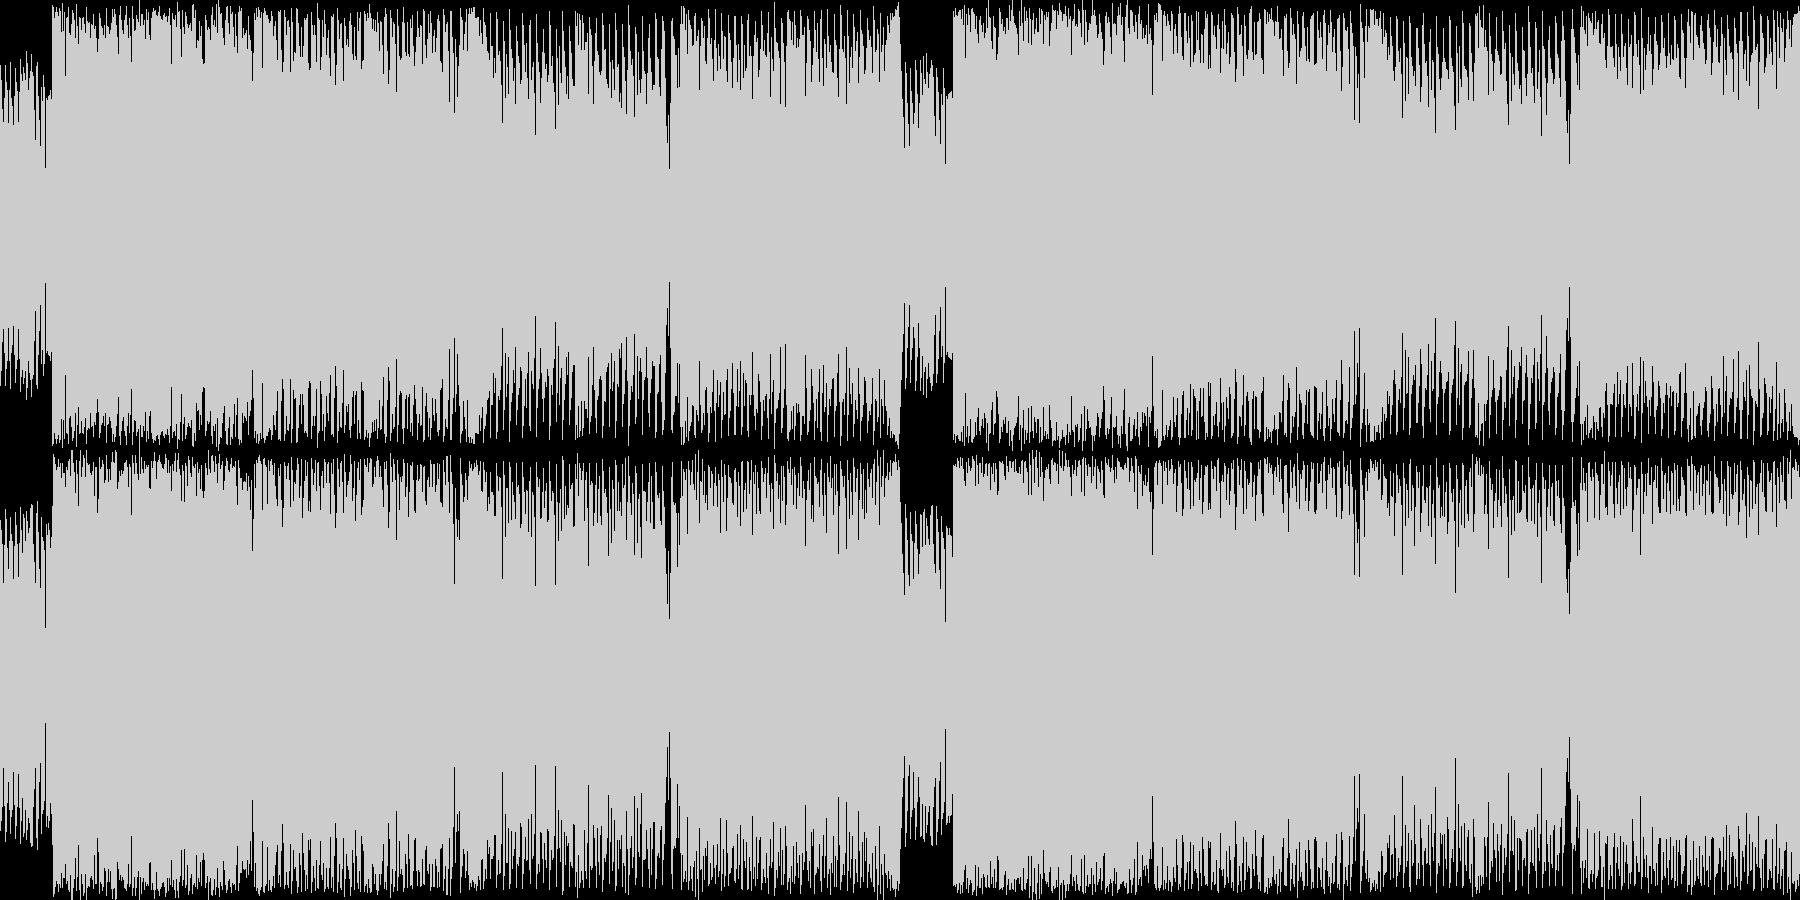 ジュリアナ系ハイパーテクノレイブ(サビ頭の未再生の波形